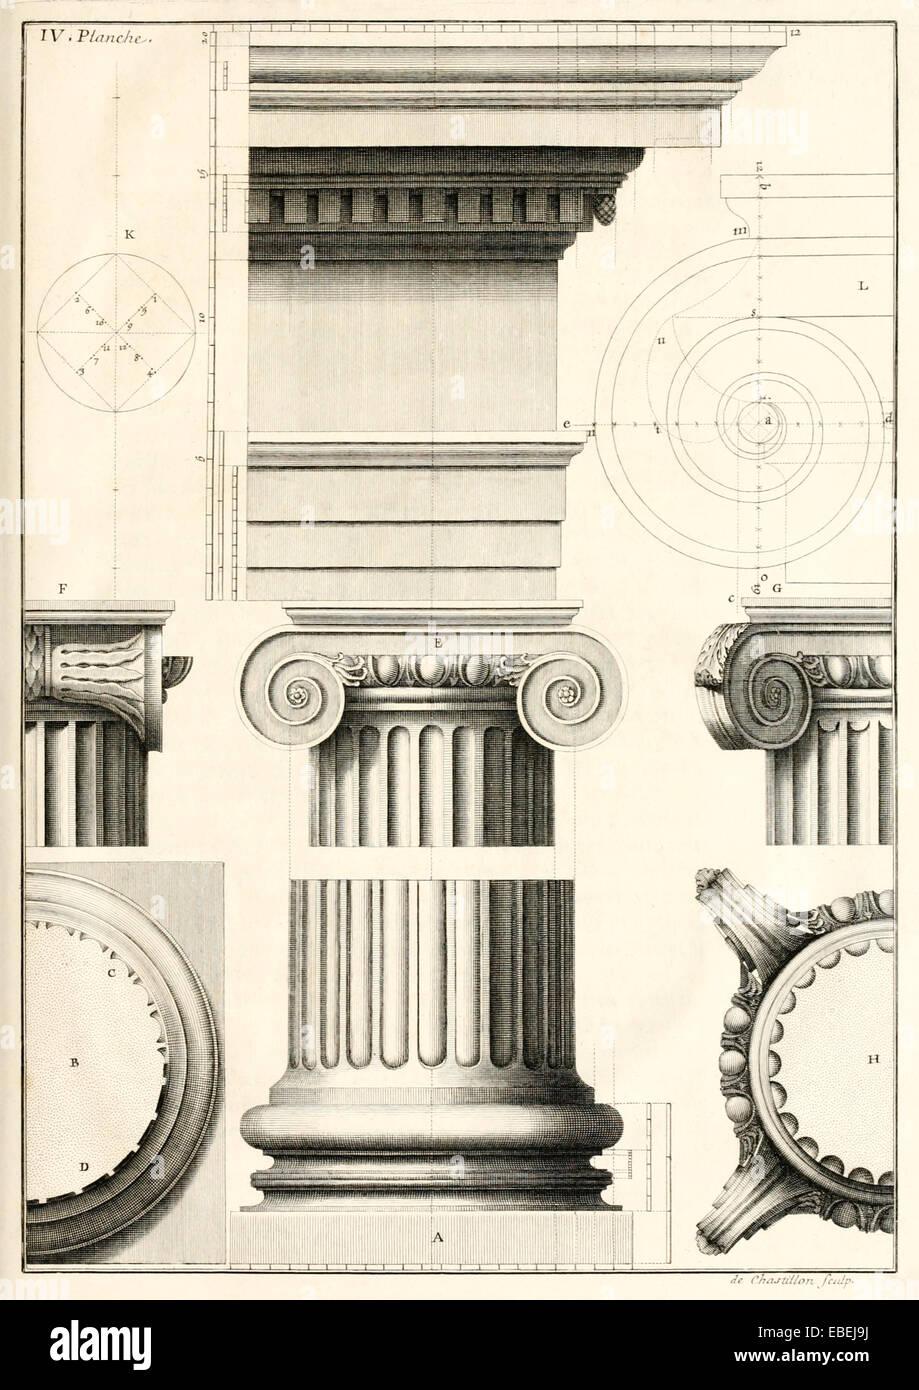 Ionischen Ordnung von Claude Perrault, französischer Renaissance-Architekten-Abbildung. Siehe Beschreibung Stockbild